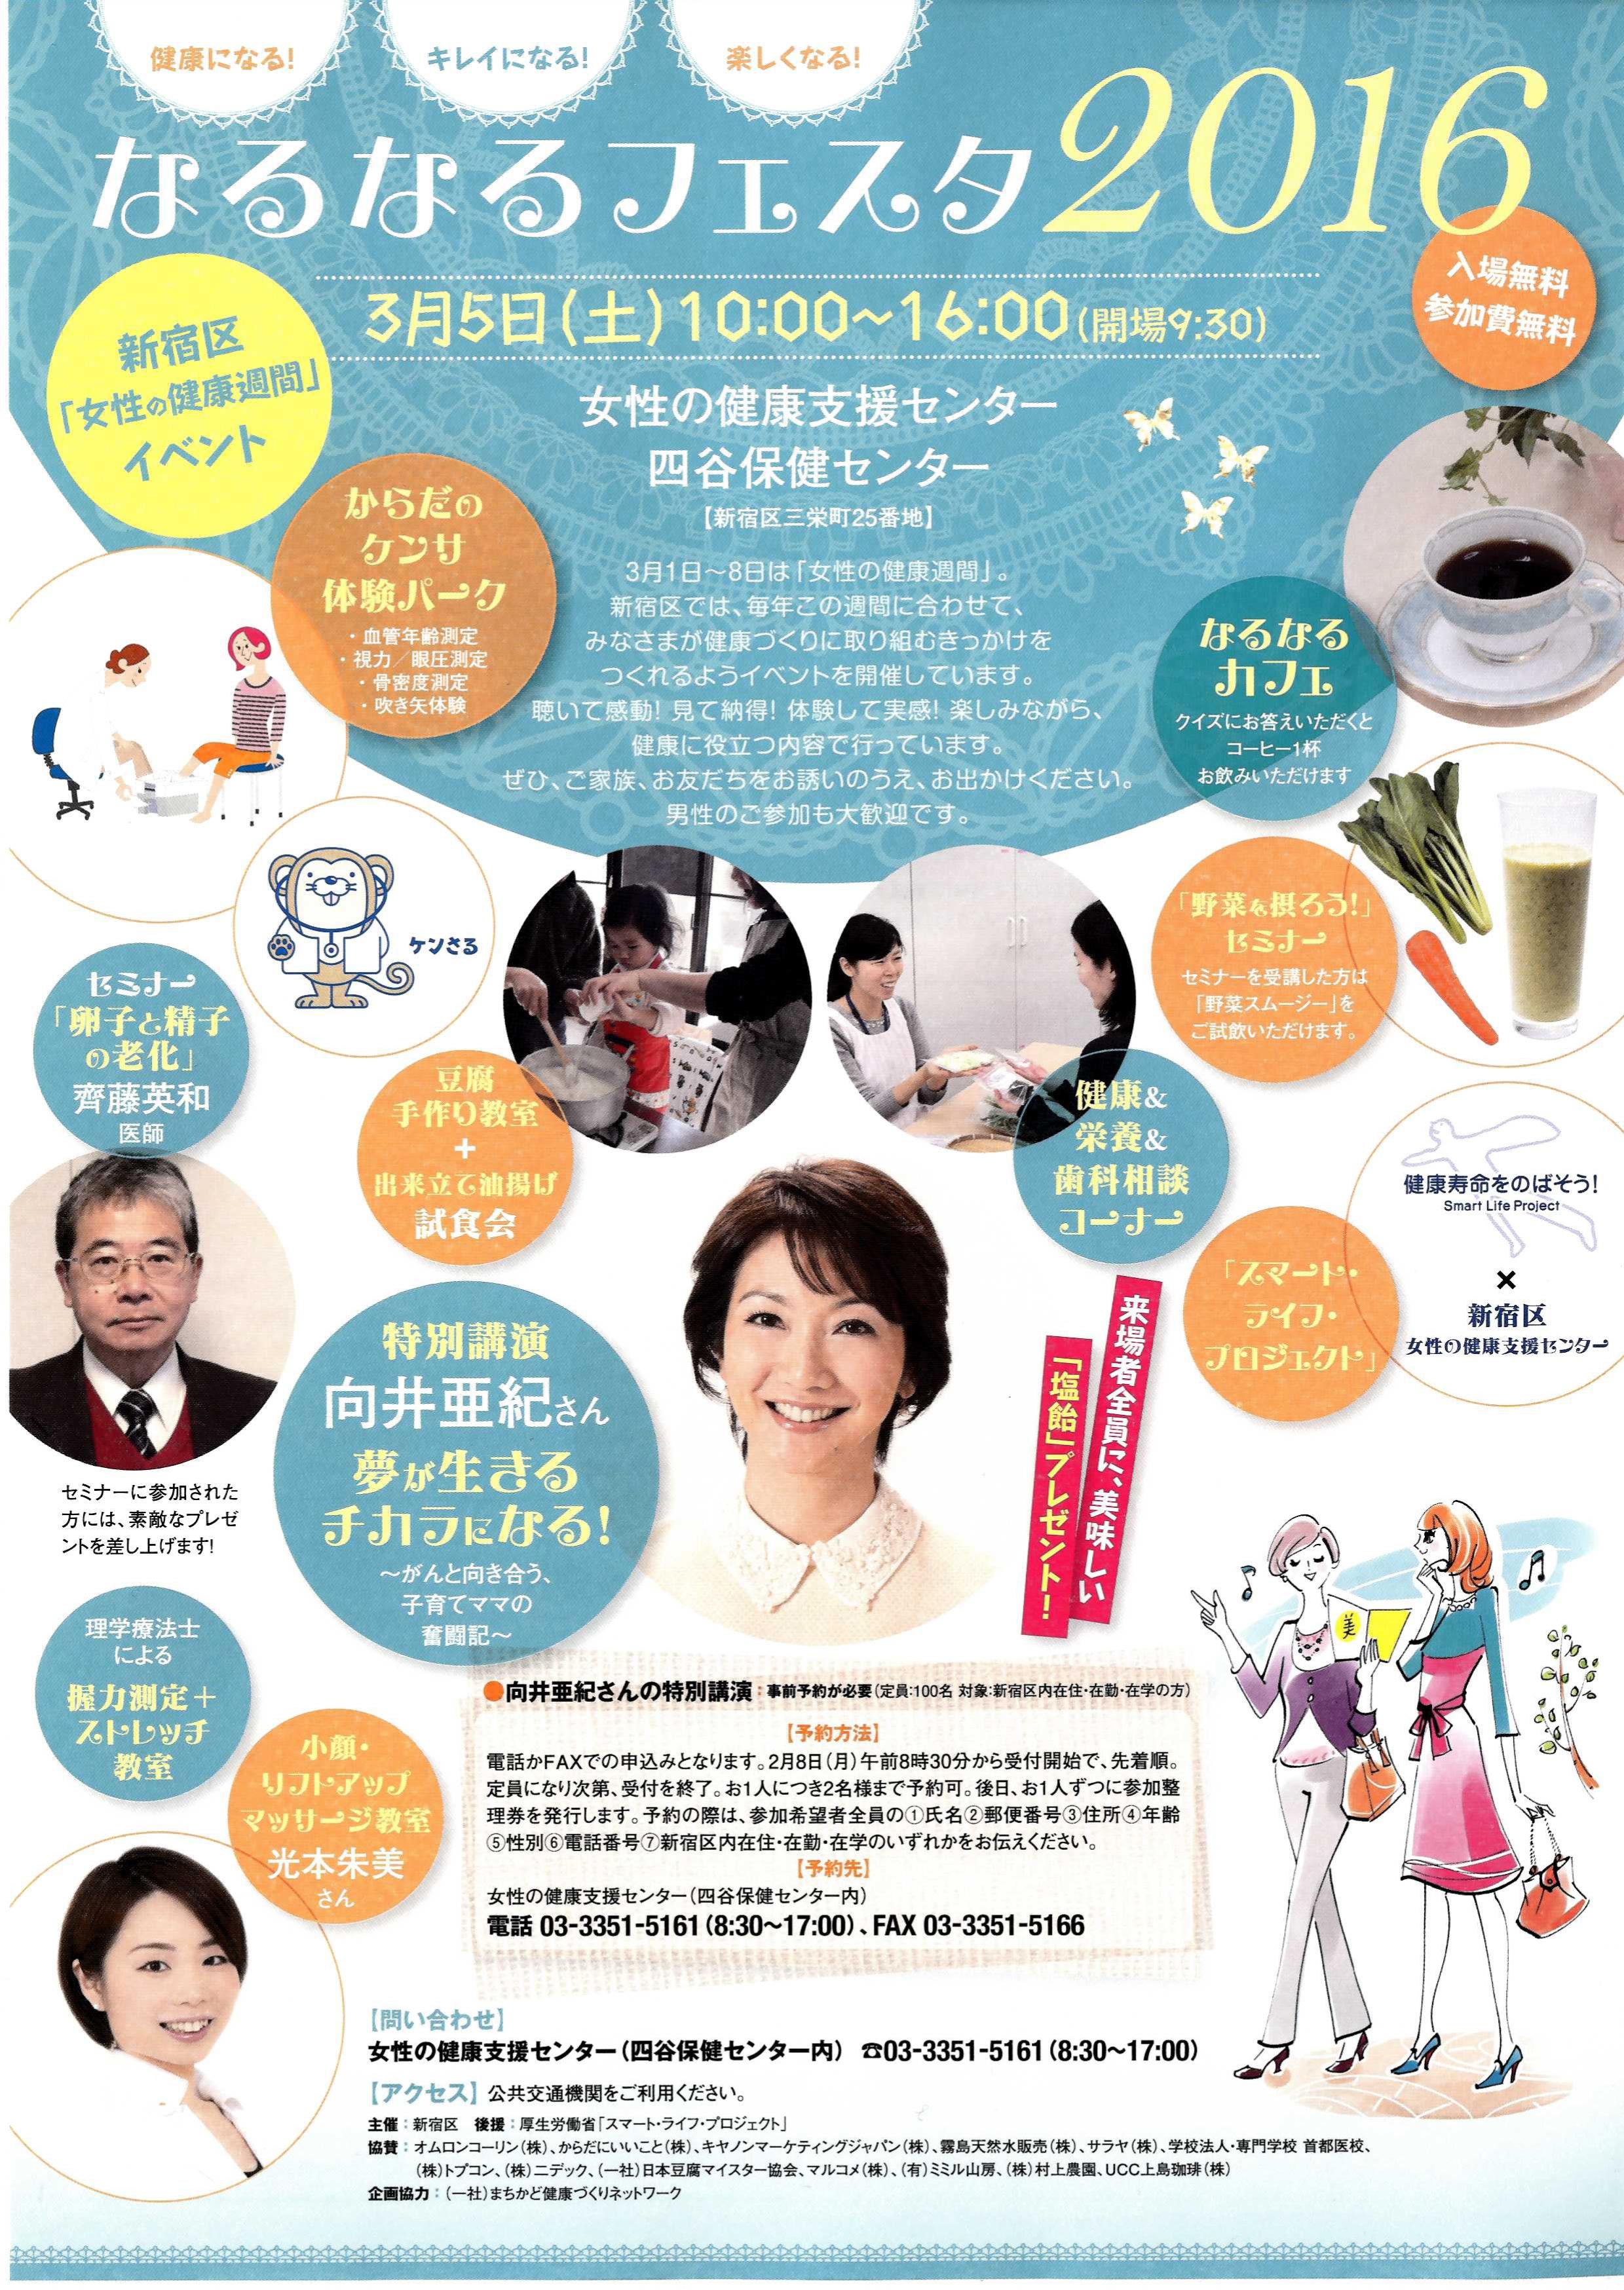 女性の健康週間イベント~向井亜紀特別講演「がんと向き合う、子育てママお奮闘記」